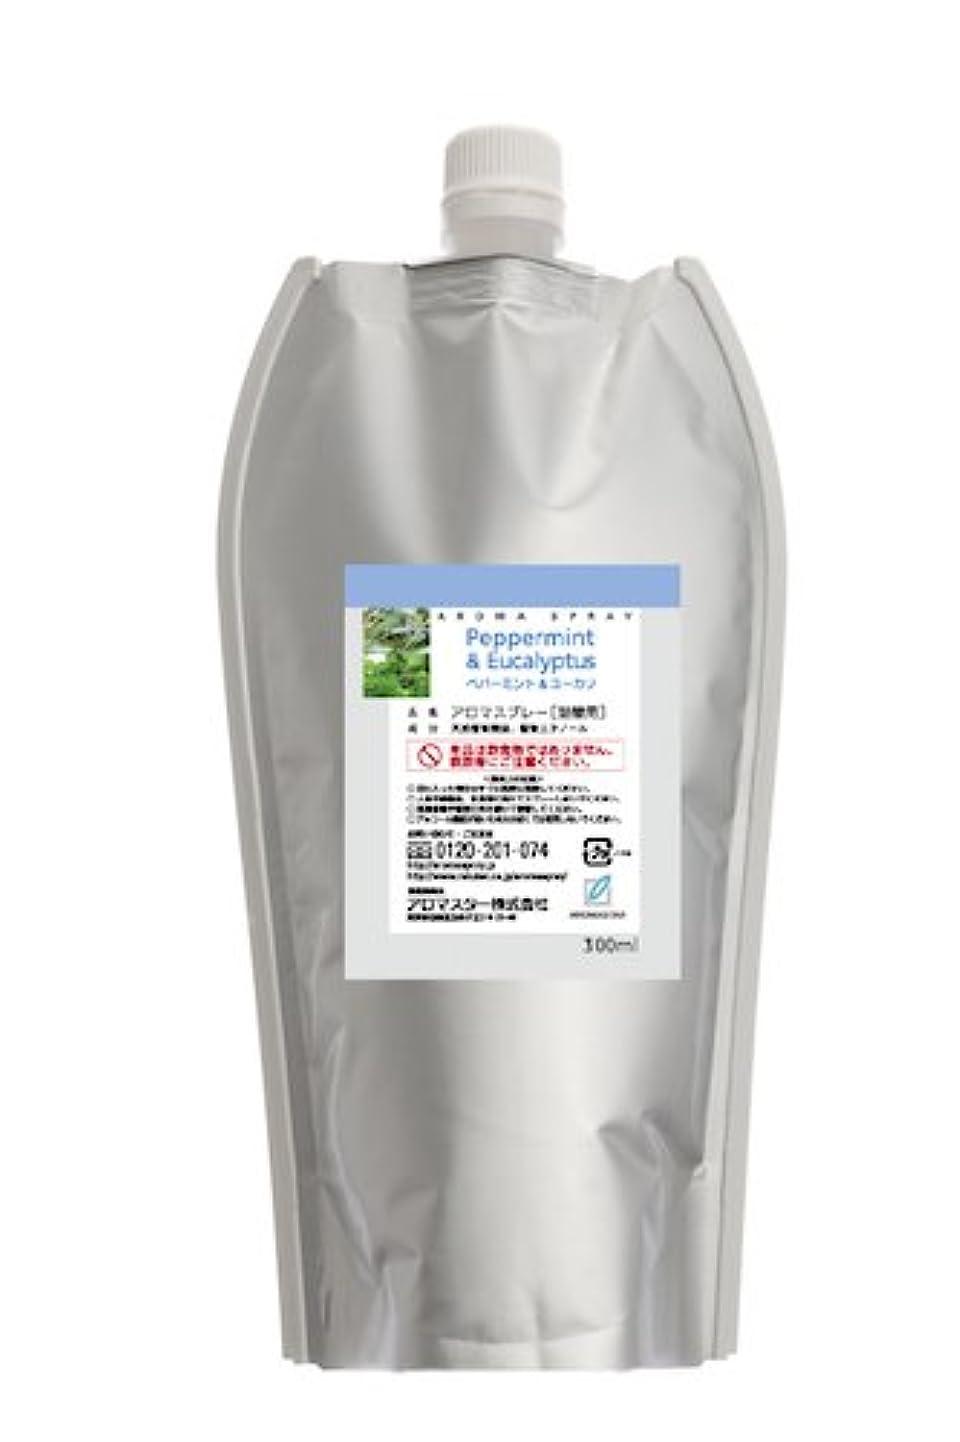 雑種丘残りAROMASTAR(アロマスター) アロマスプレー ペパーミント&ユーカリ 300ml詰替用(エコパック)